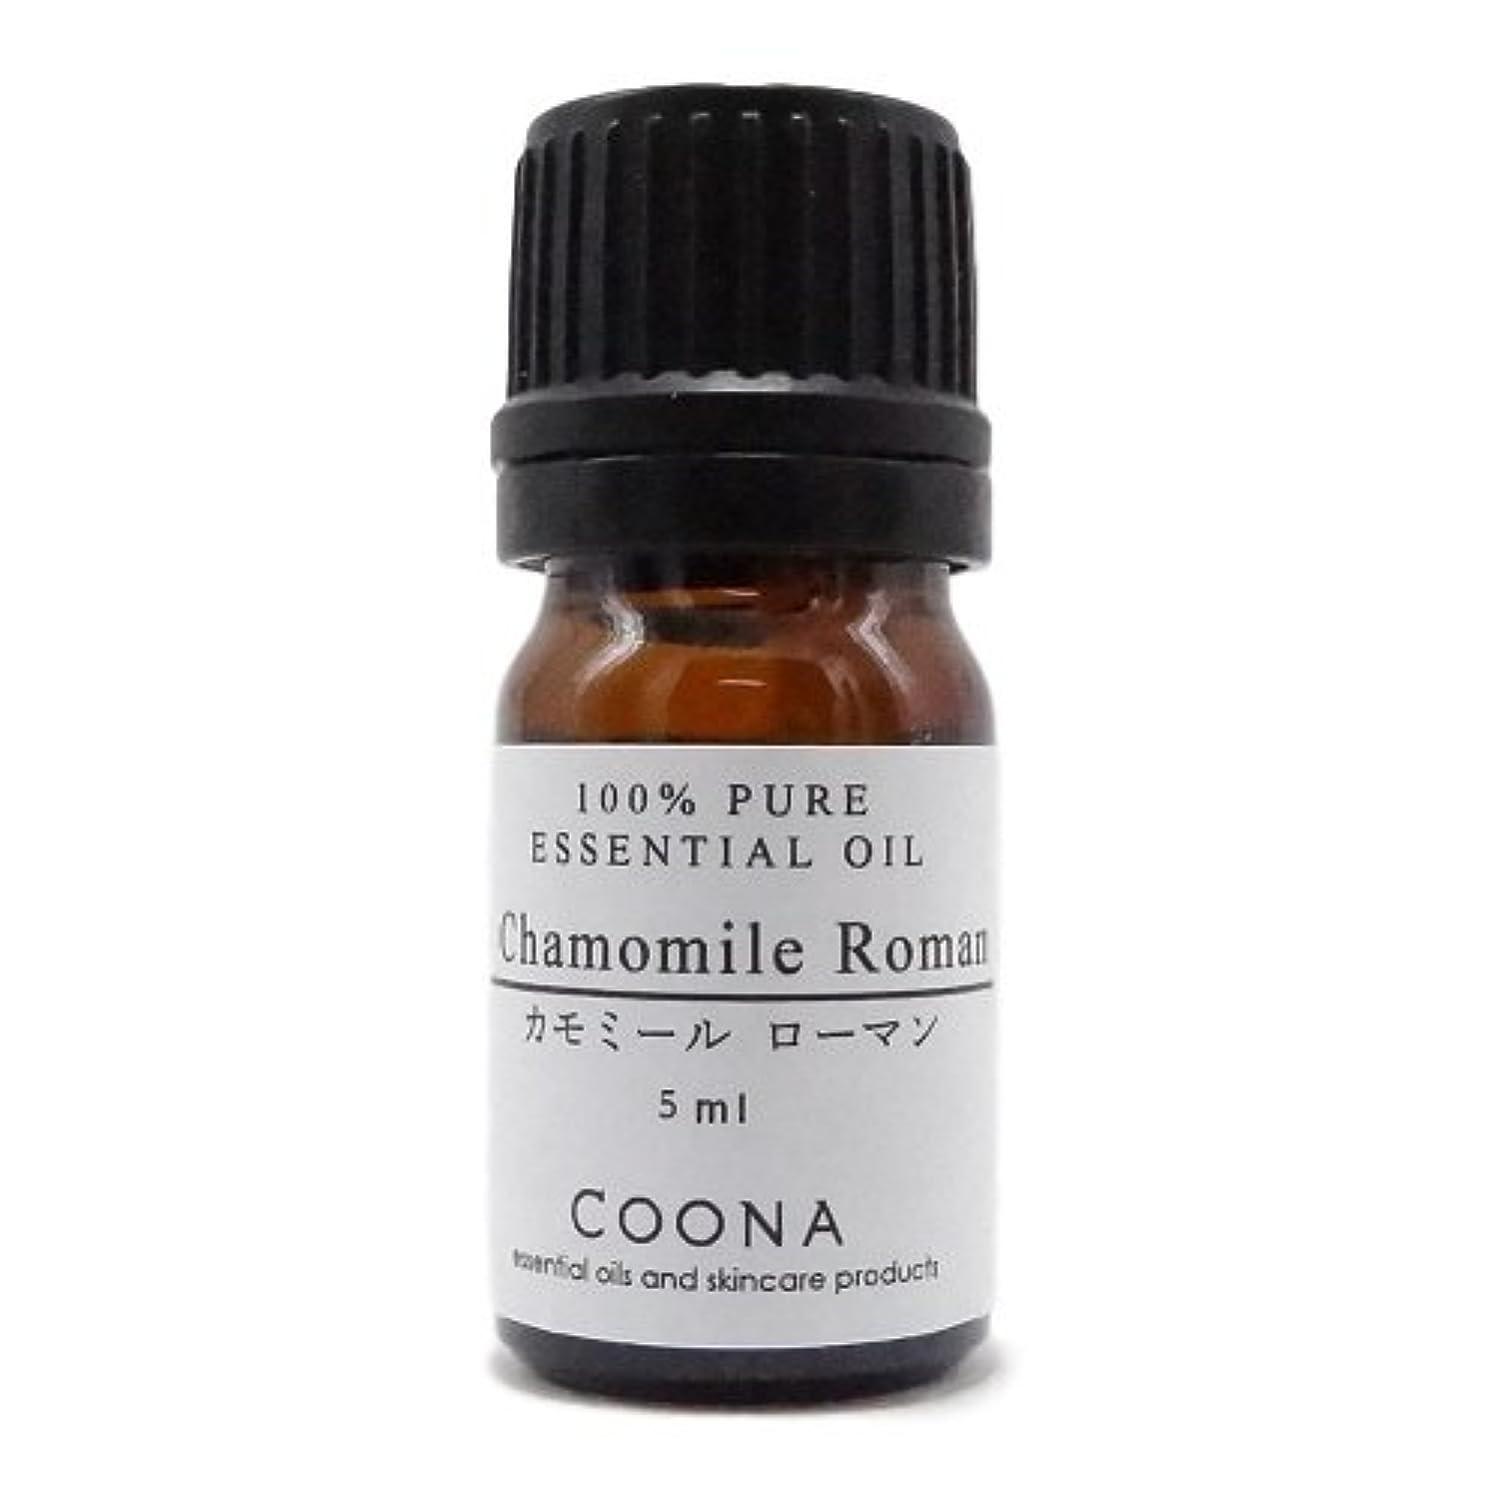 スプーン多数の鎮静剤カモミール ローマン 5 ml (COONA エッセンシャルオイル アロマオイル 100%天然植物精油)